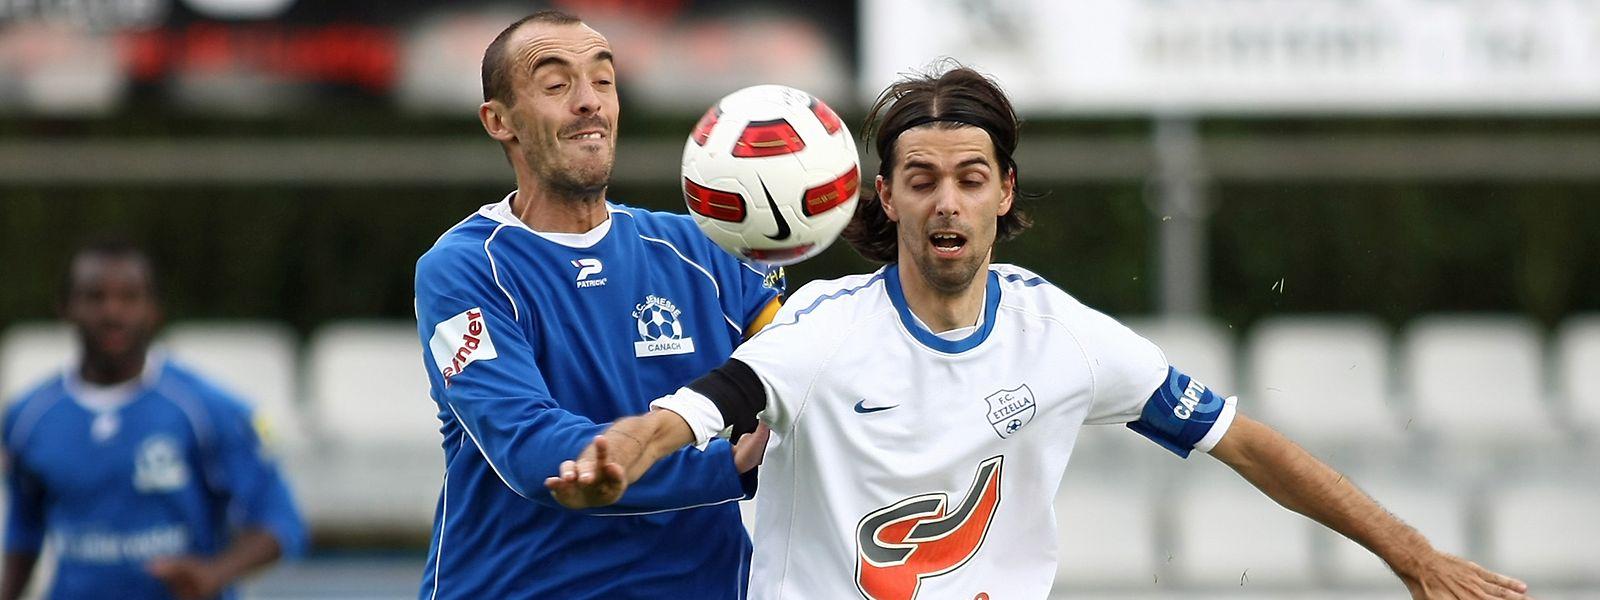 Carlos Ferreira, à l'époque d'Etzella, a disputé les quatre dernières saisons avec l'US Feulen.